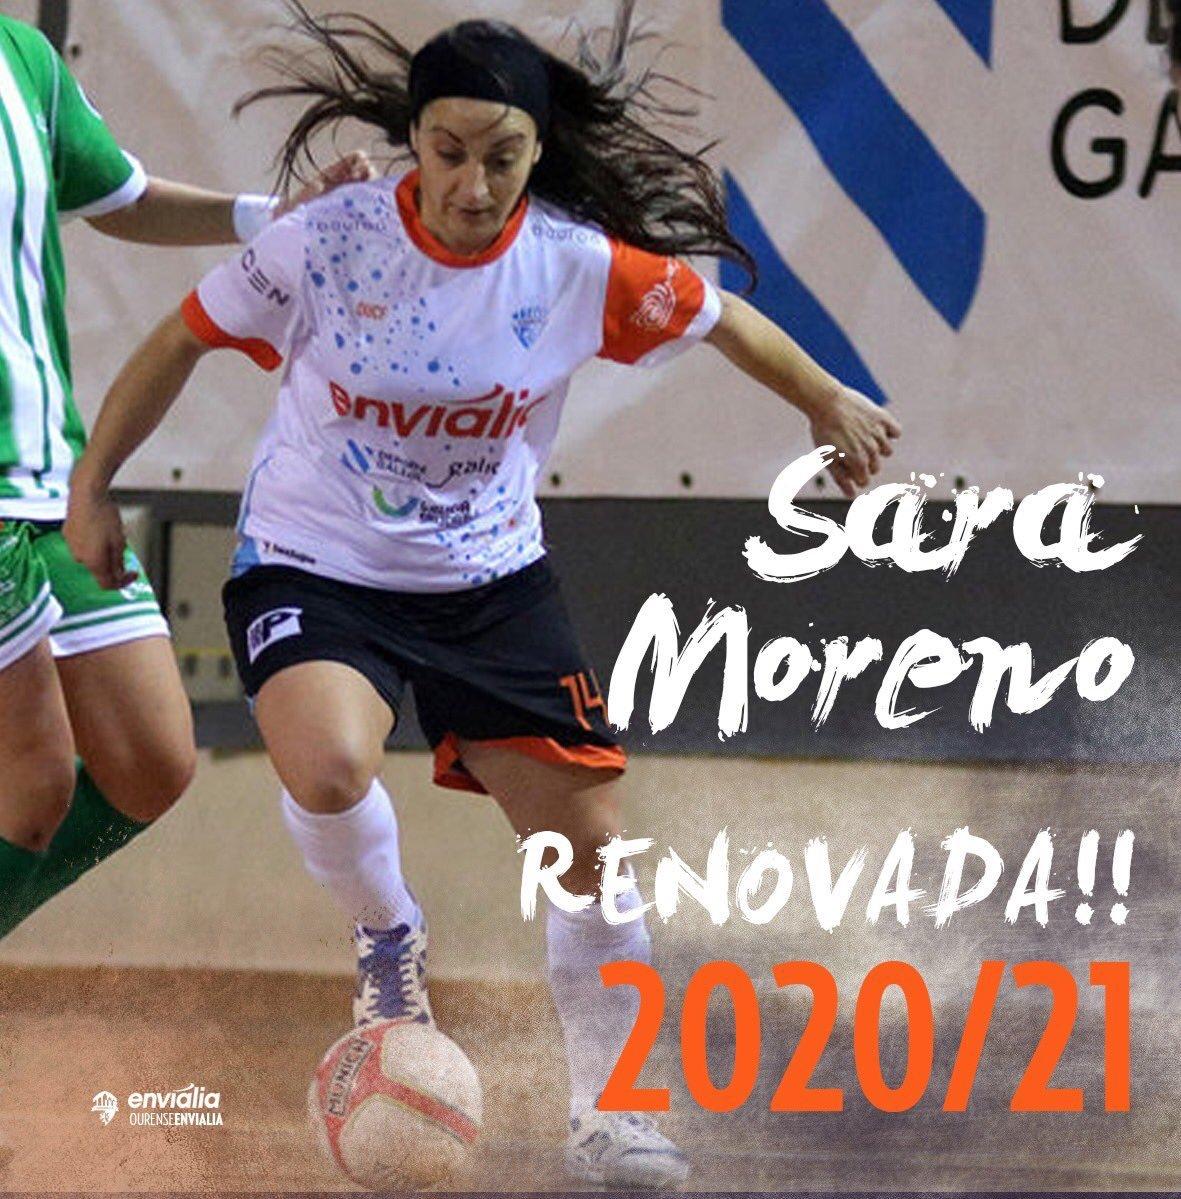 Renovación Sara Moreno | OE